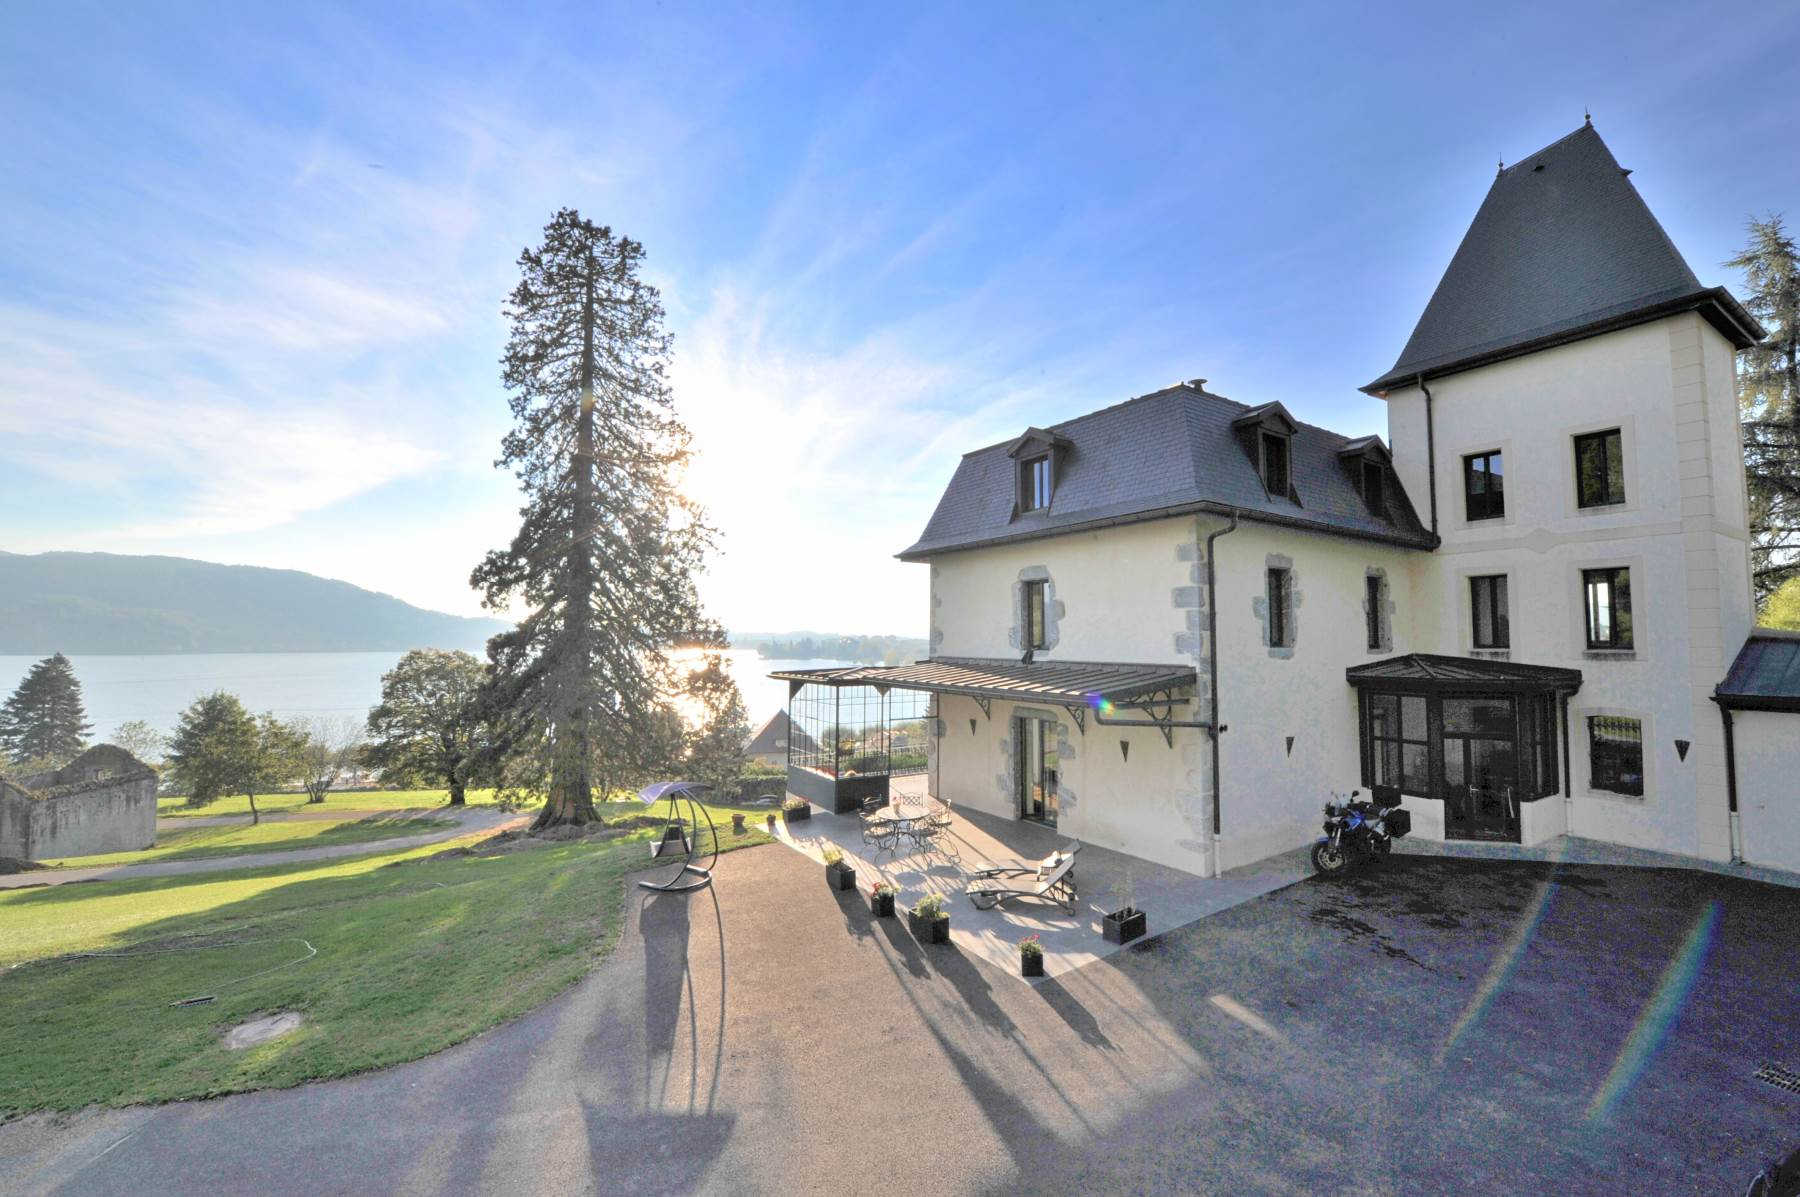 Maison unifamiliale pour l Vente à Domaine de la Tour 17 Avenue de chavoires Other Rhone-Alpes, Rhone-Alpes 74940 France